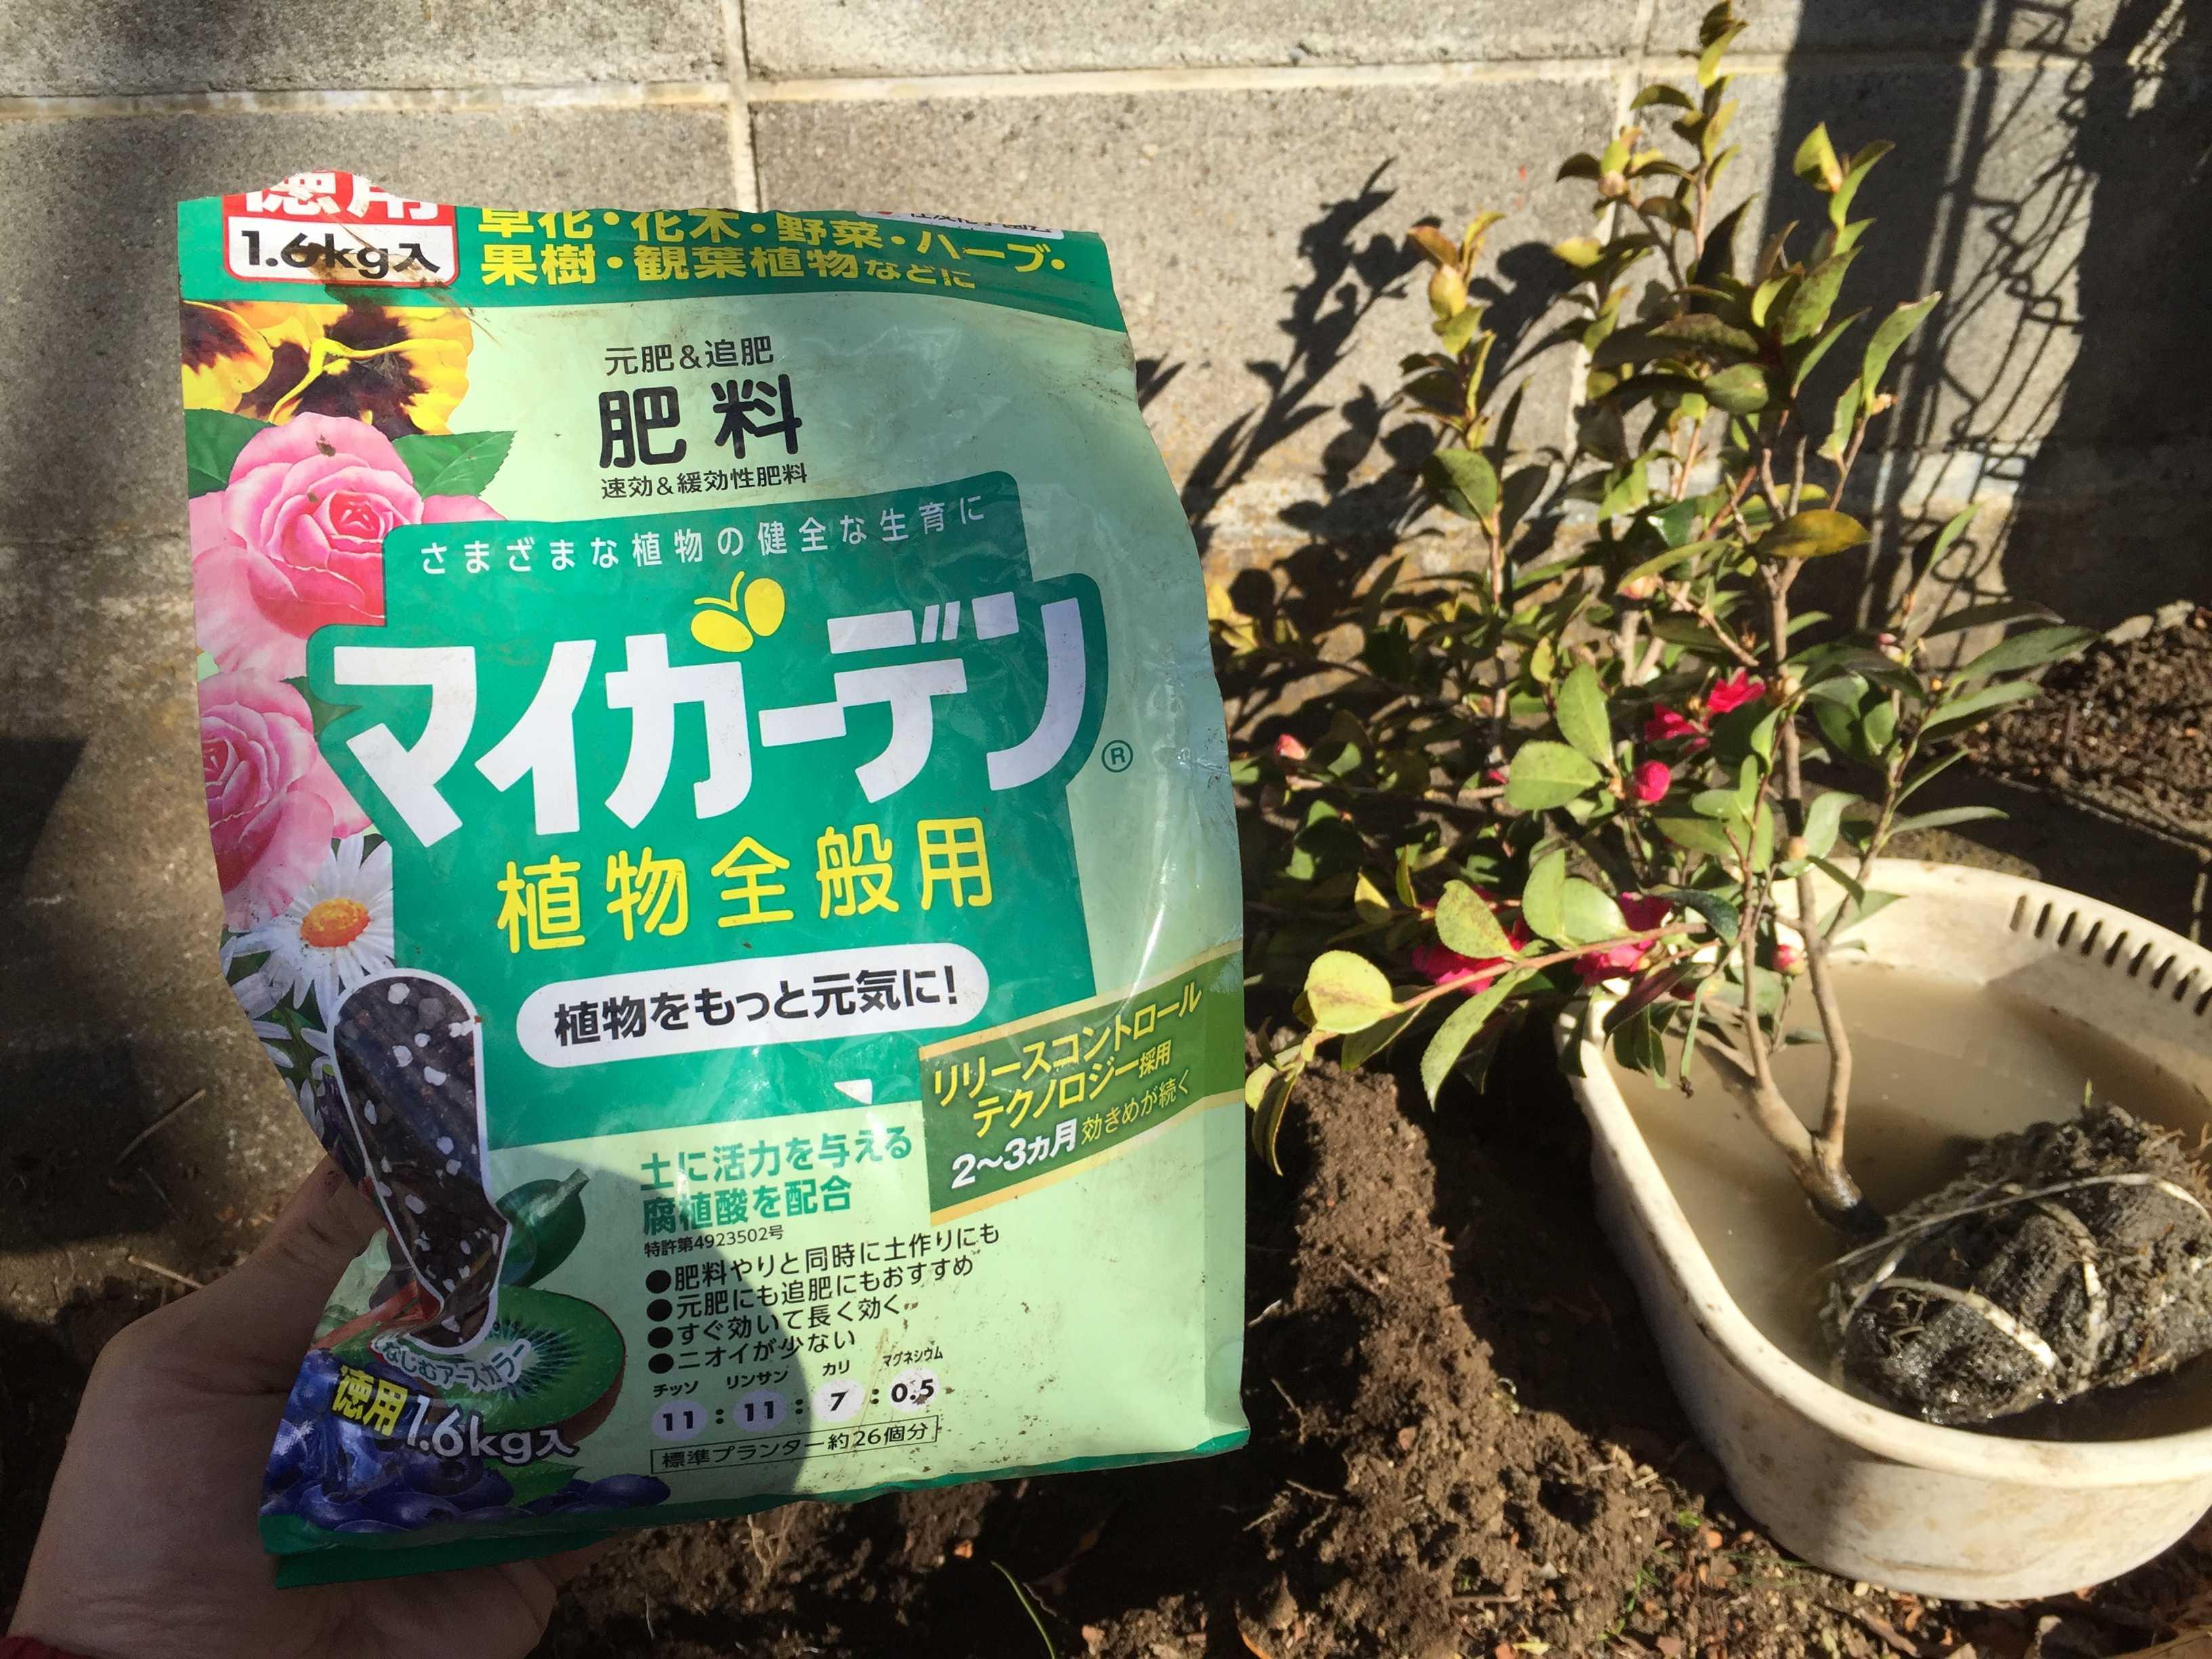 元肥 - マイガーデン植物全般用/住友化学園芸